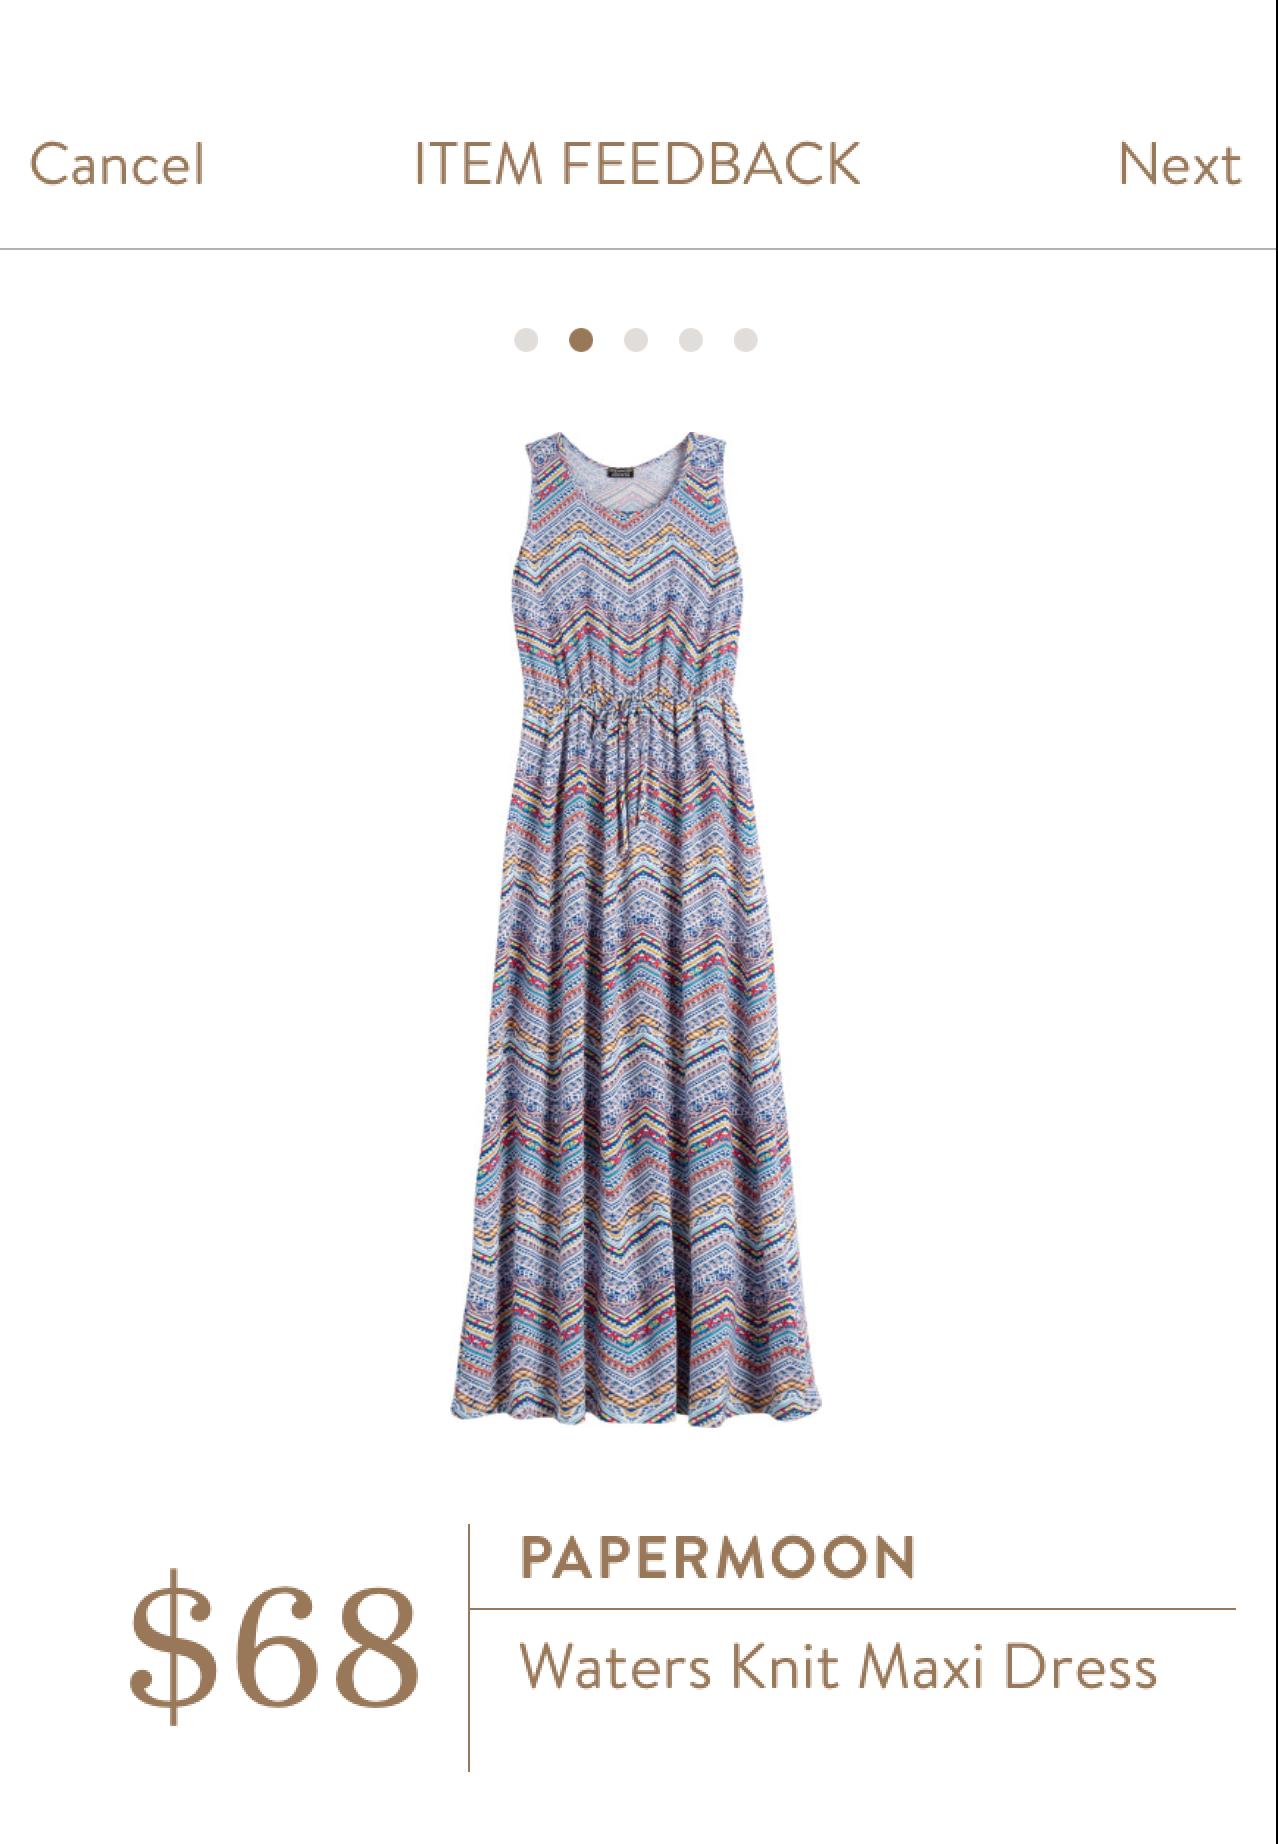 Papermoon Waters Knit Maxi Dress | FB Stitch Fix Group Board ...